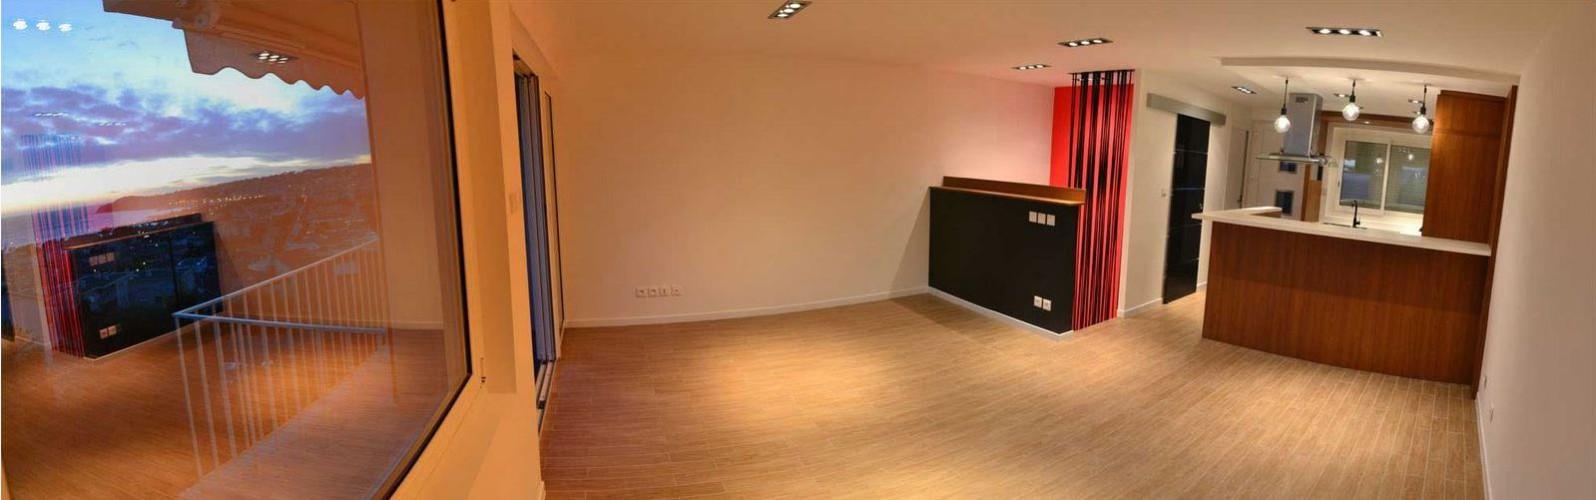 Grand salon décoré par notre architecte à Six fours